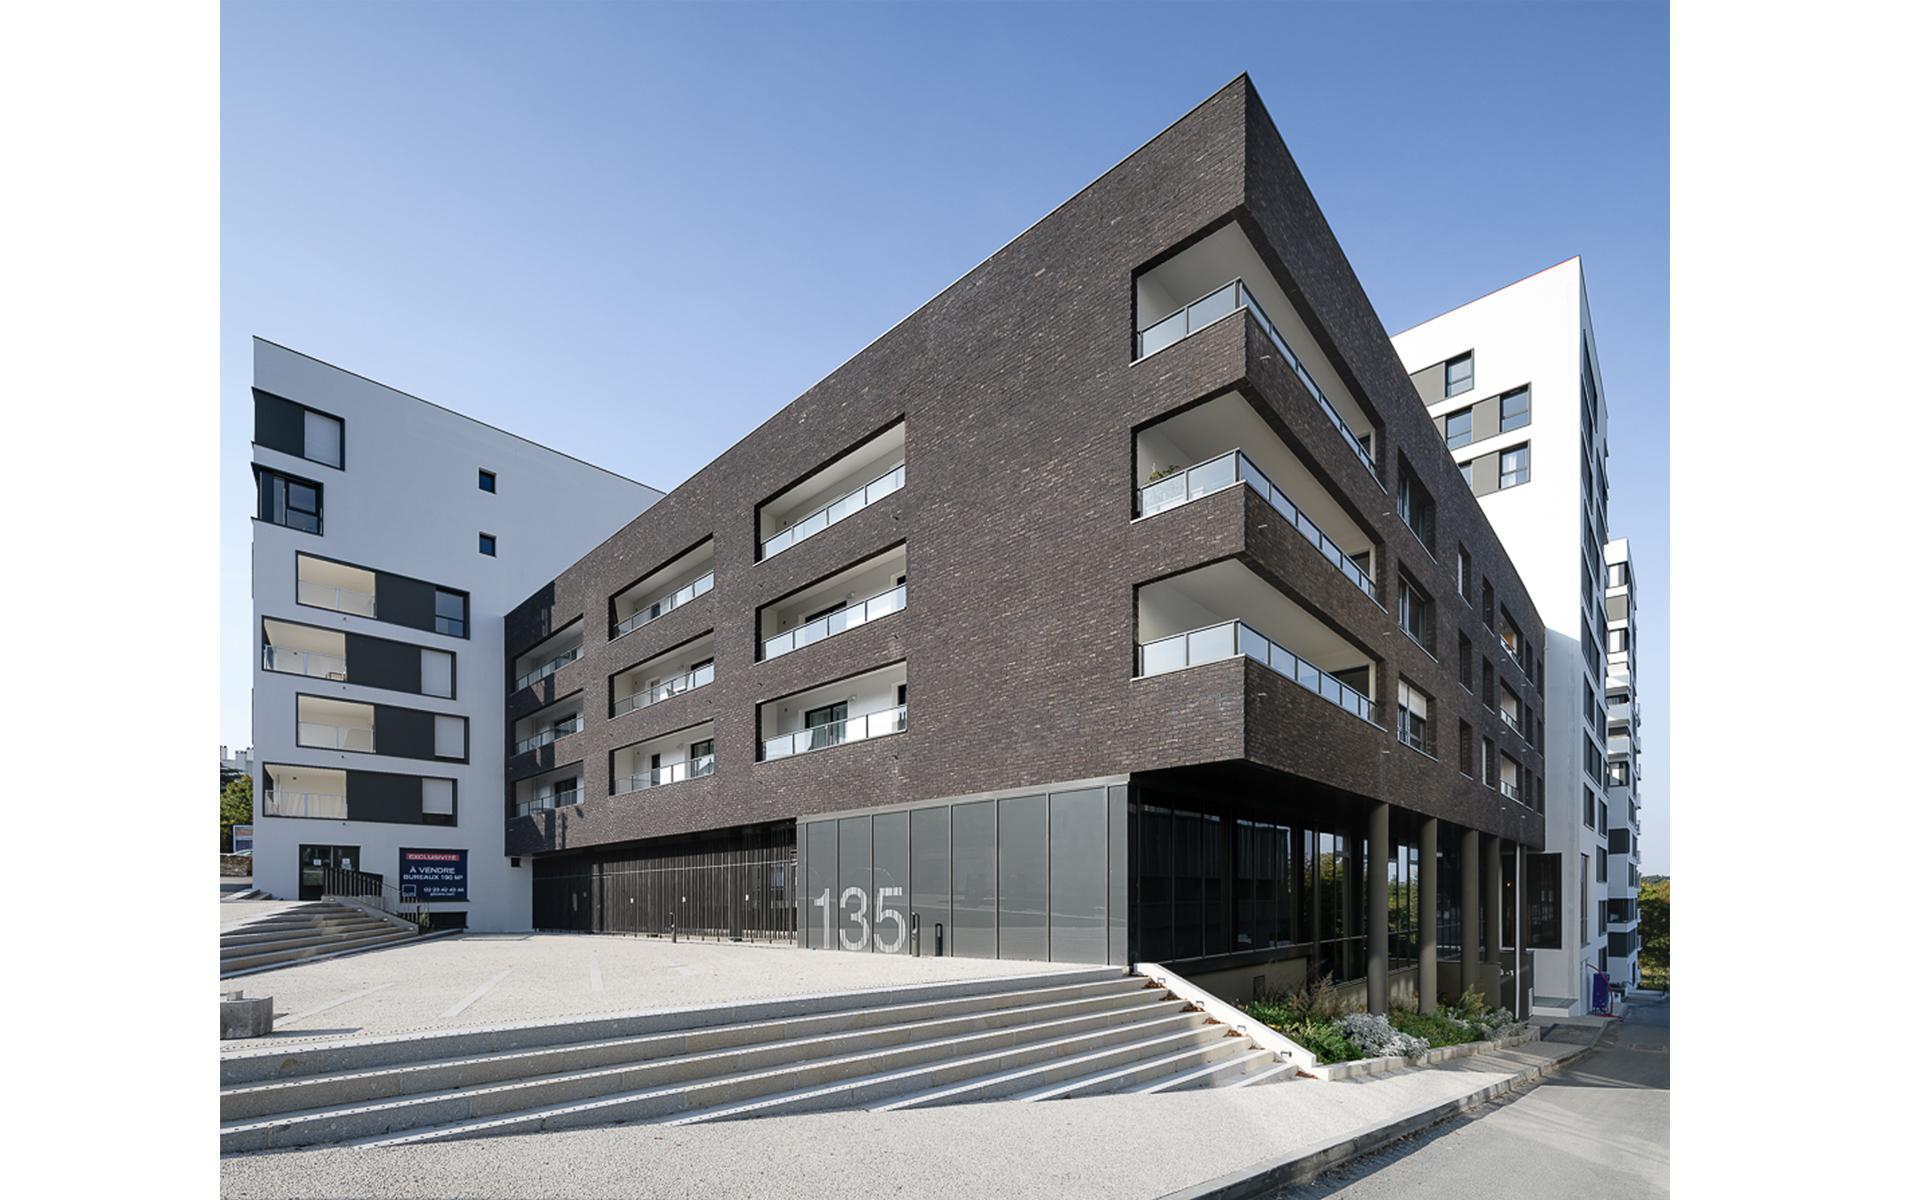 les-cadets-de-bretagne-09-rennes-architecture-bretagne-paumier-architectes-1920×1200